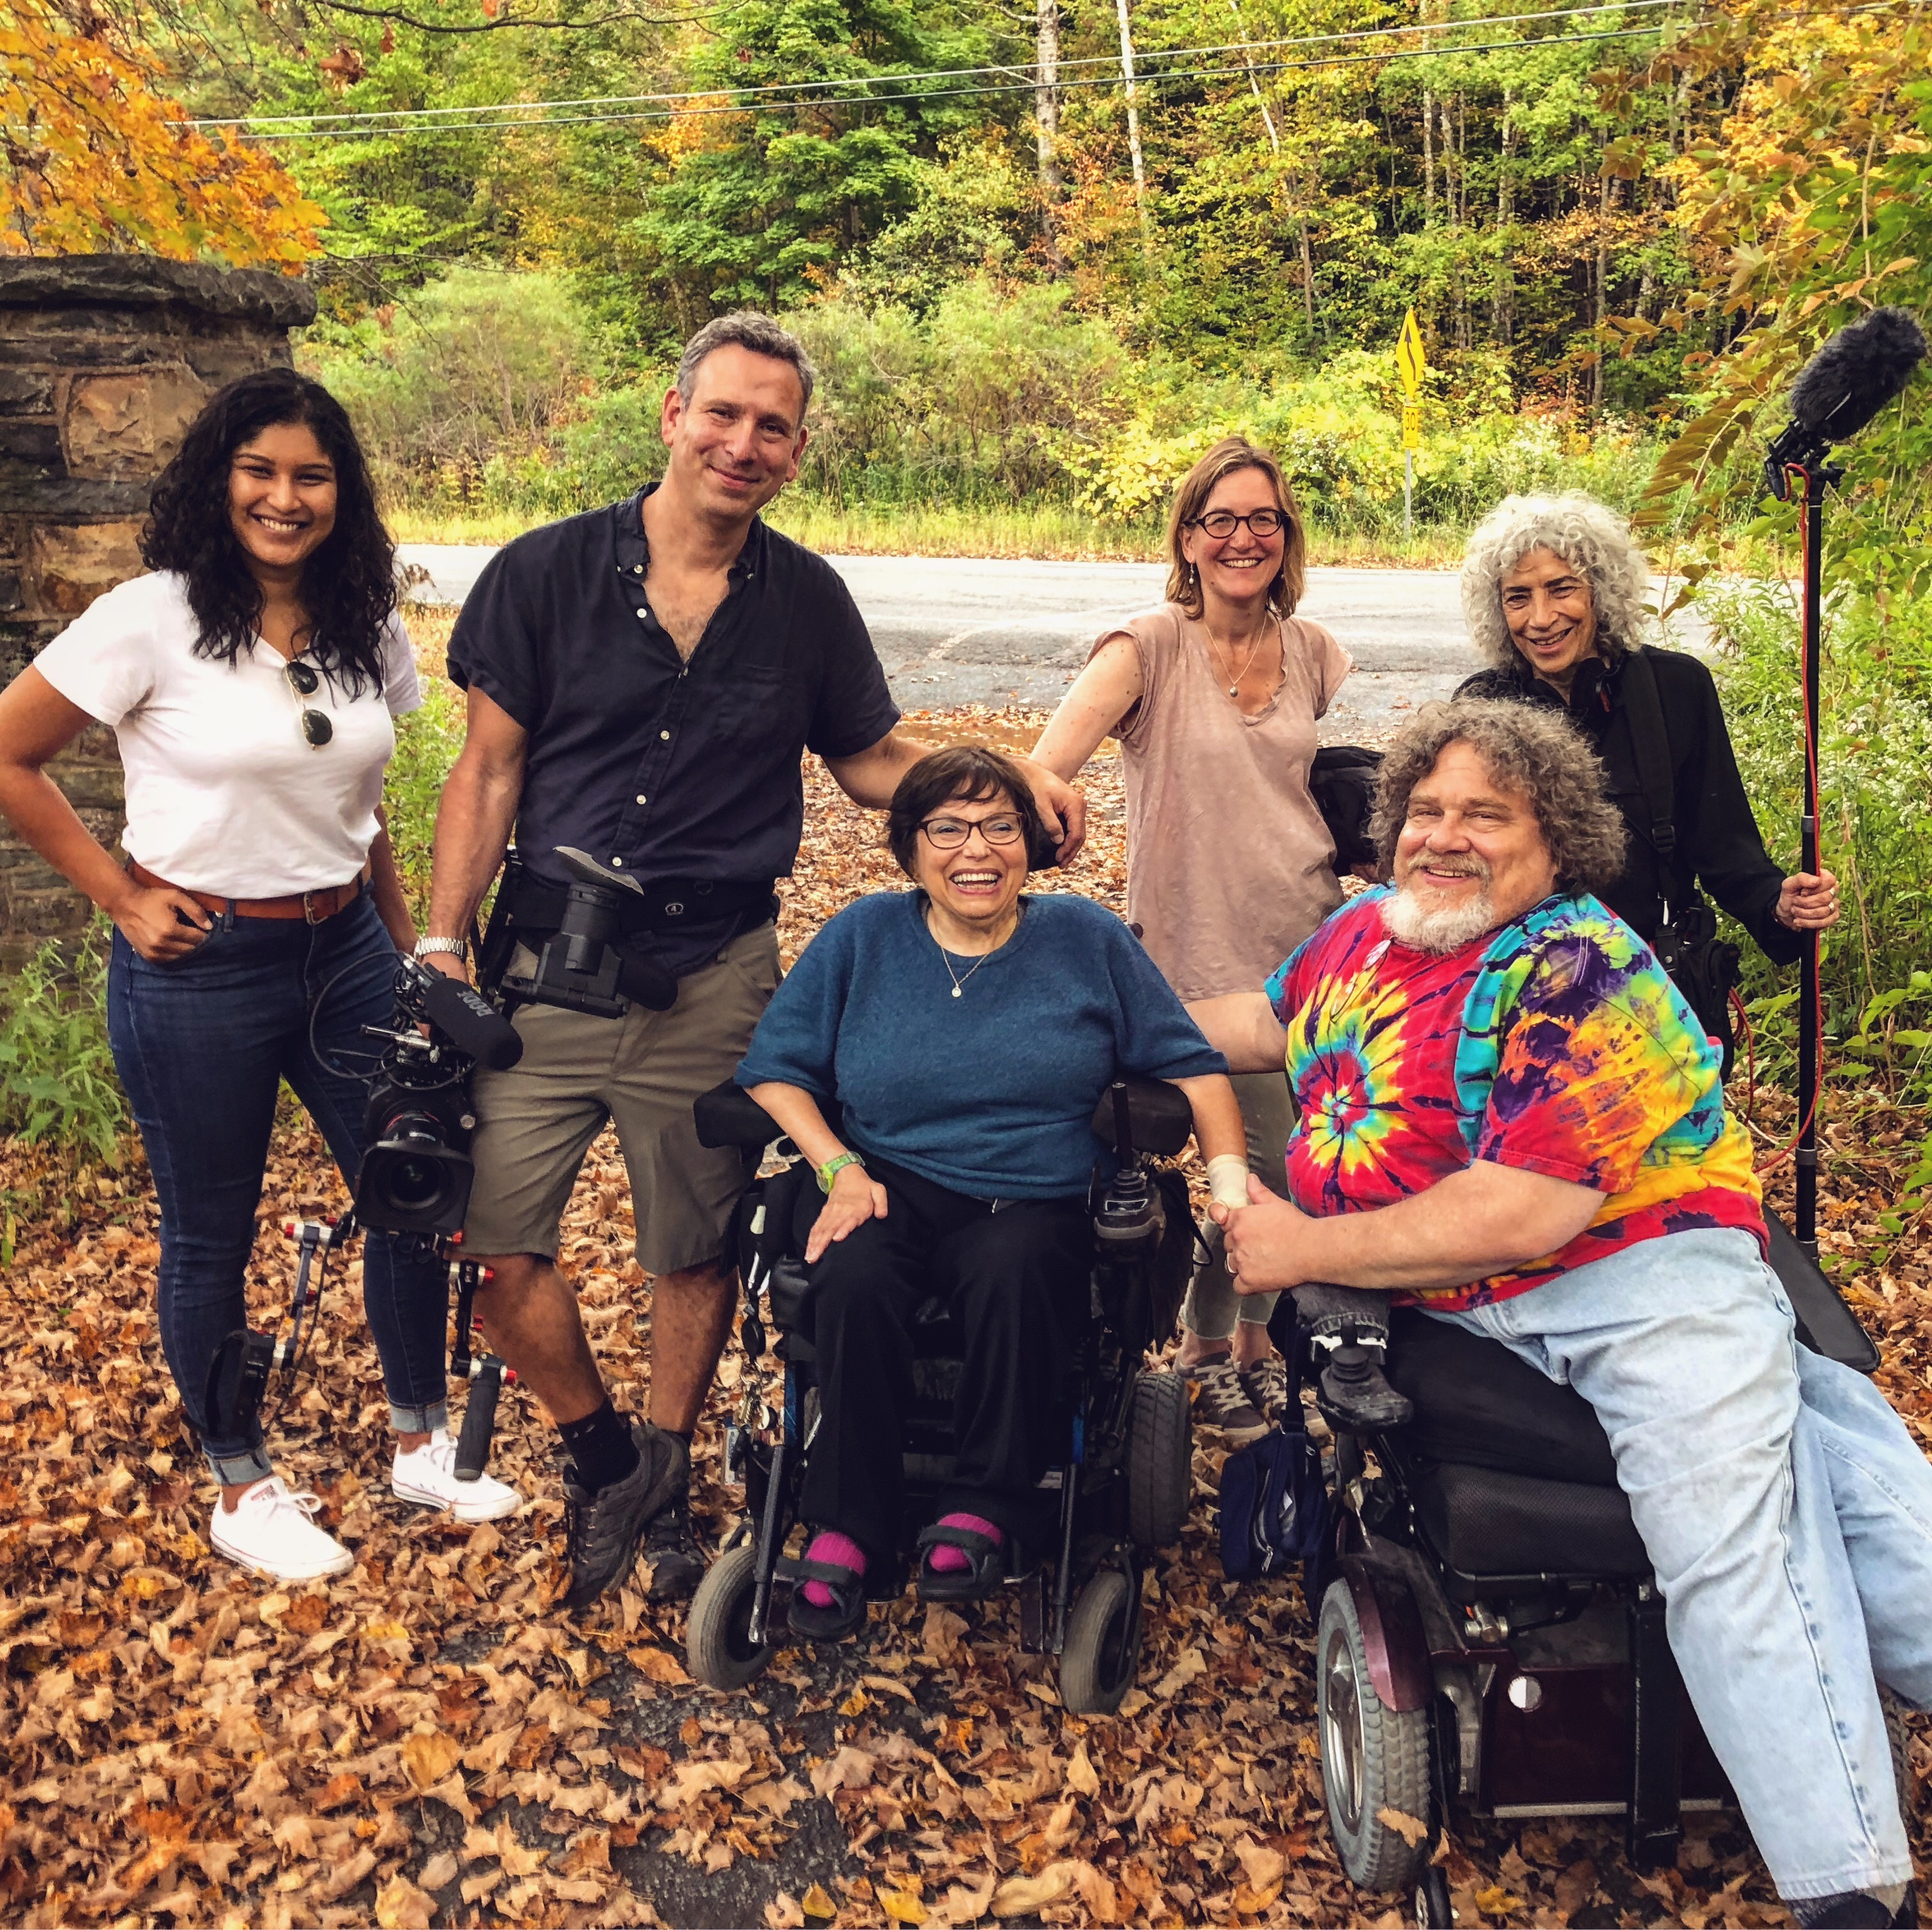 Judy Karp, Judy Kain, James Lebrecht, Nicole Newnham, Justin Schein, and Judith Heumann in Crip Camp (2020)